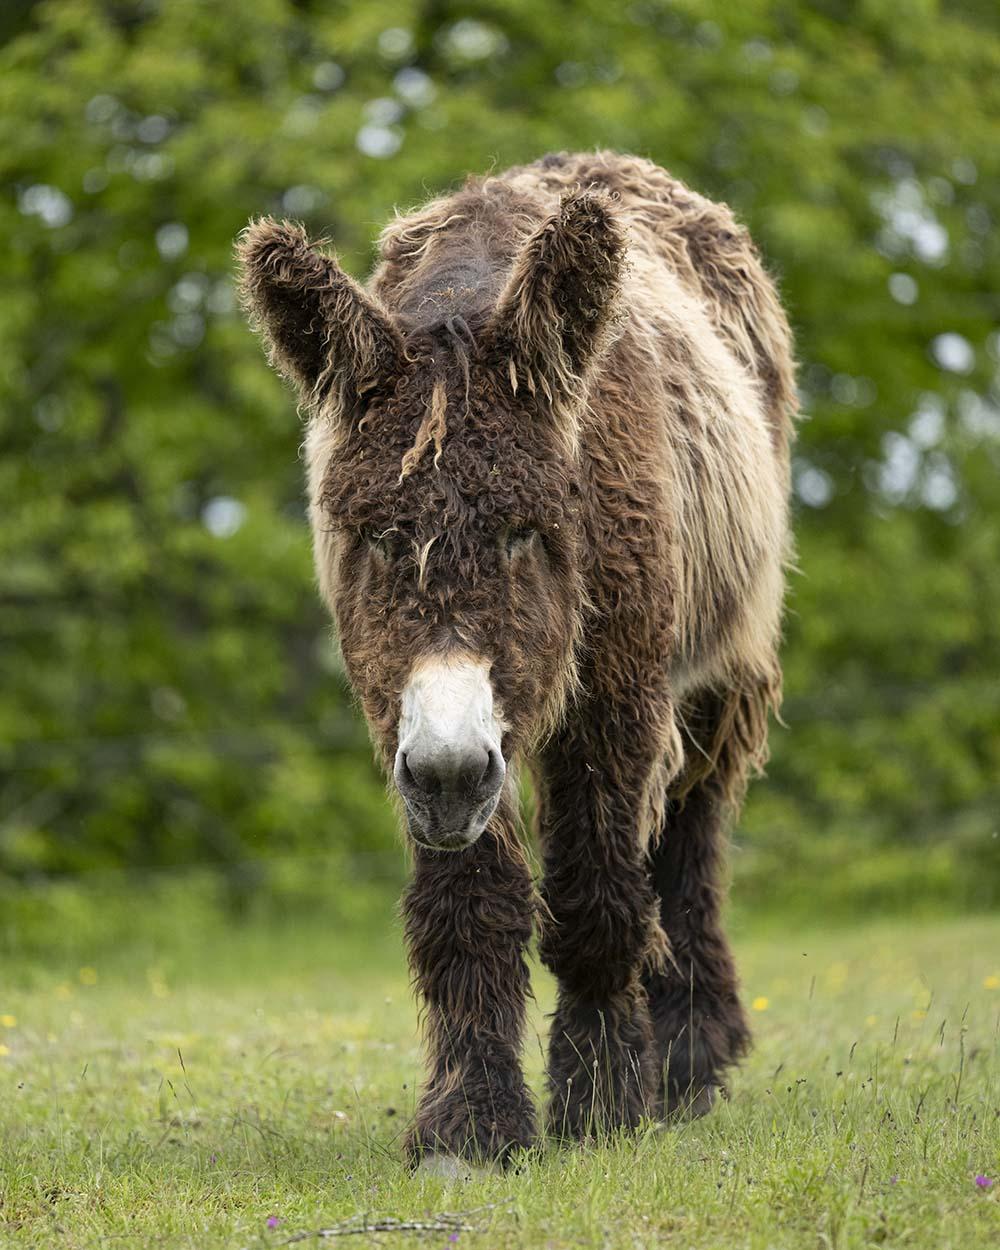 Ein Poitou-Esel auf der Weide, aufgenommen im Tierpark Arche Warder.